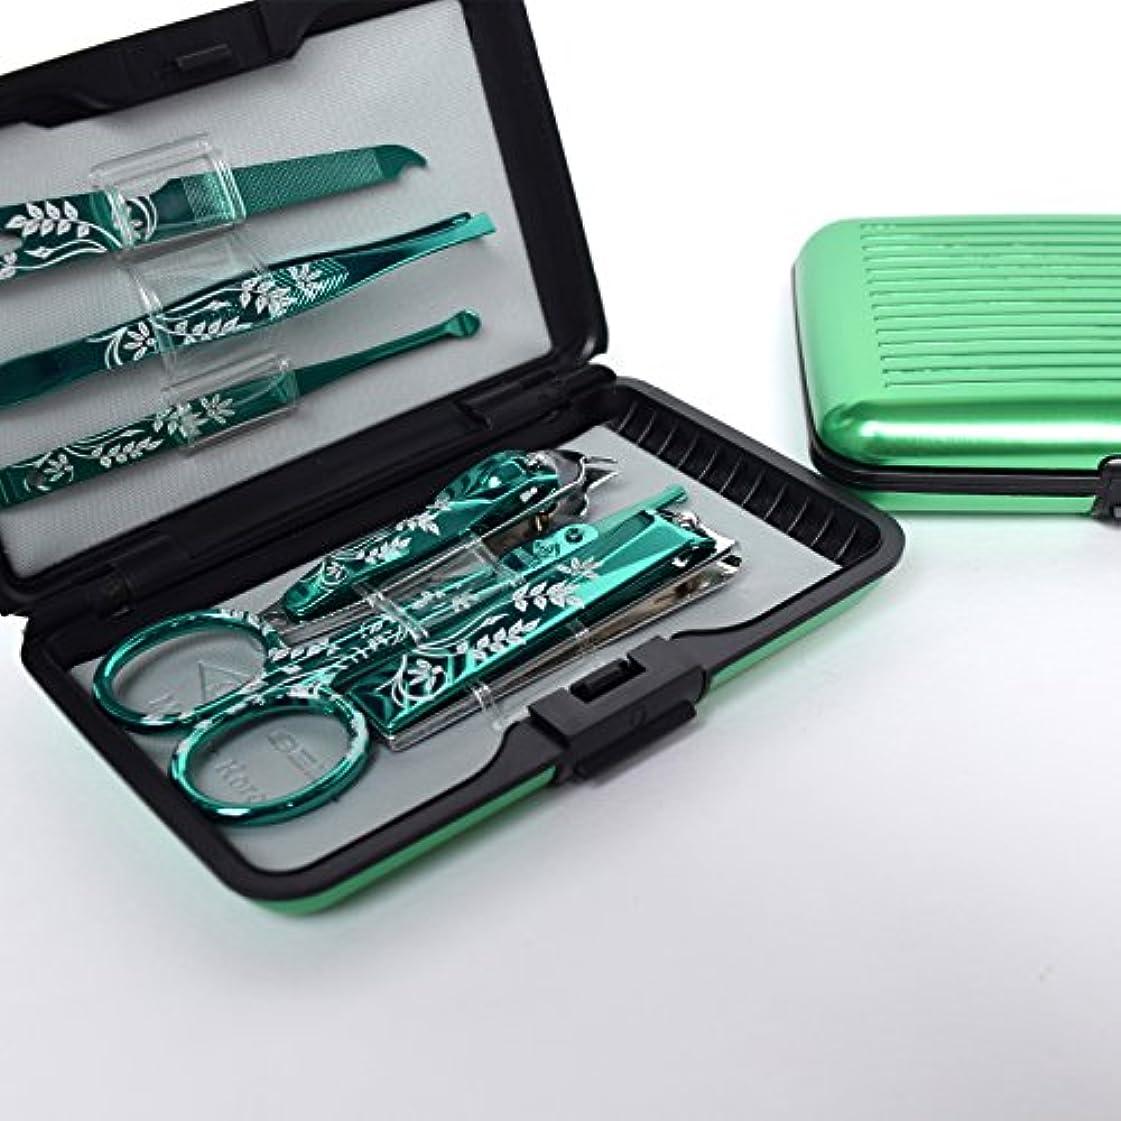 にはまってディプロマ権威BELL Manicure Sets BM-800A ポータブル爪の管理セット 爪切りセット 高品質のネイルケアセット花モチーフのイラストデザイン Portable Nail Clippers Nail Care Set